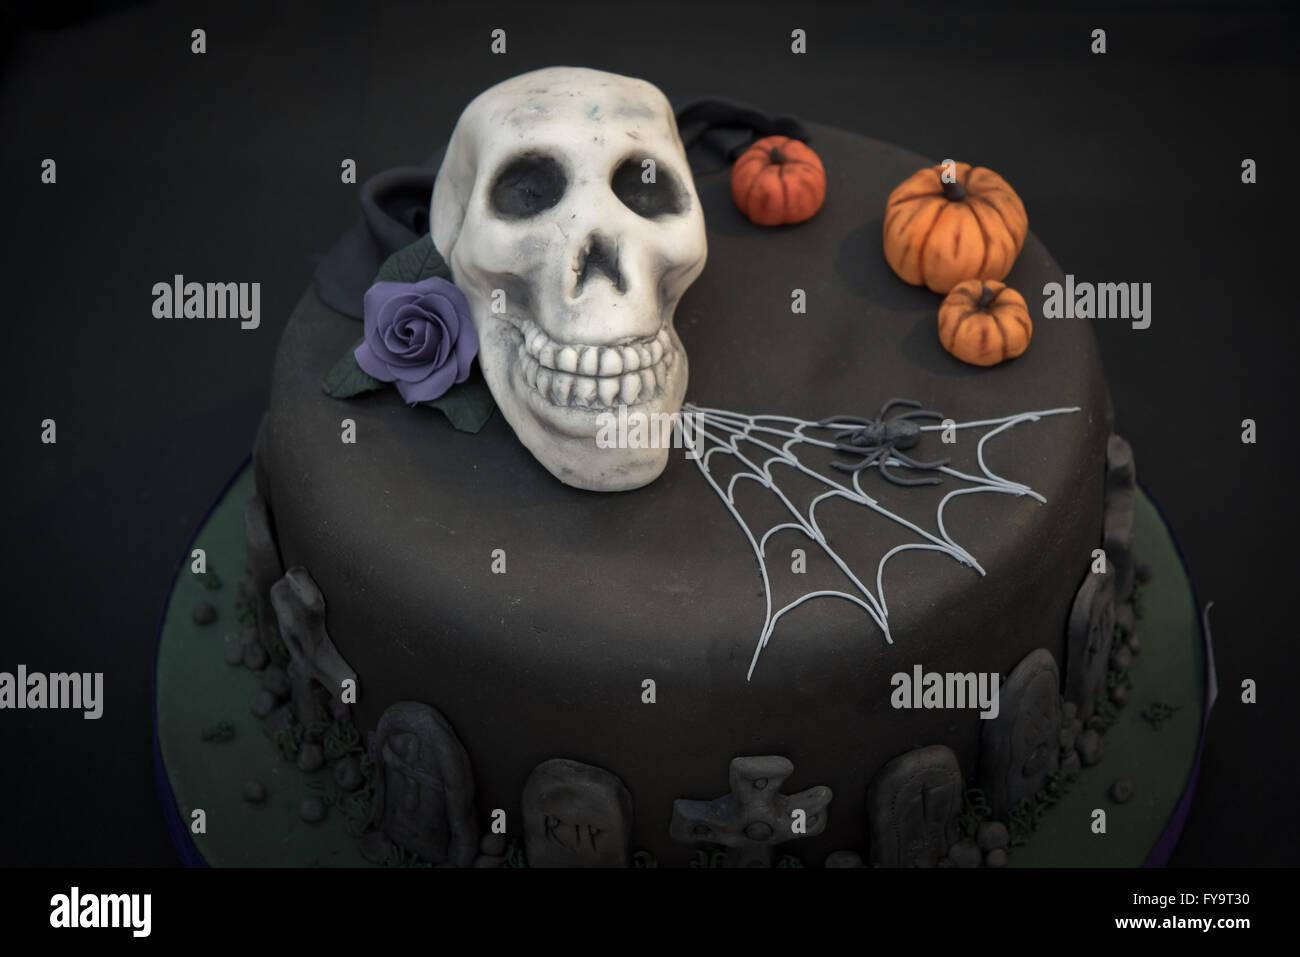 Pastel De Calabaza De Halloween Cráneo Negro Goth En Pastel